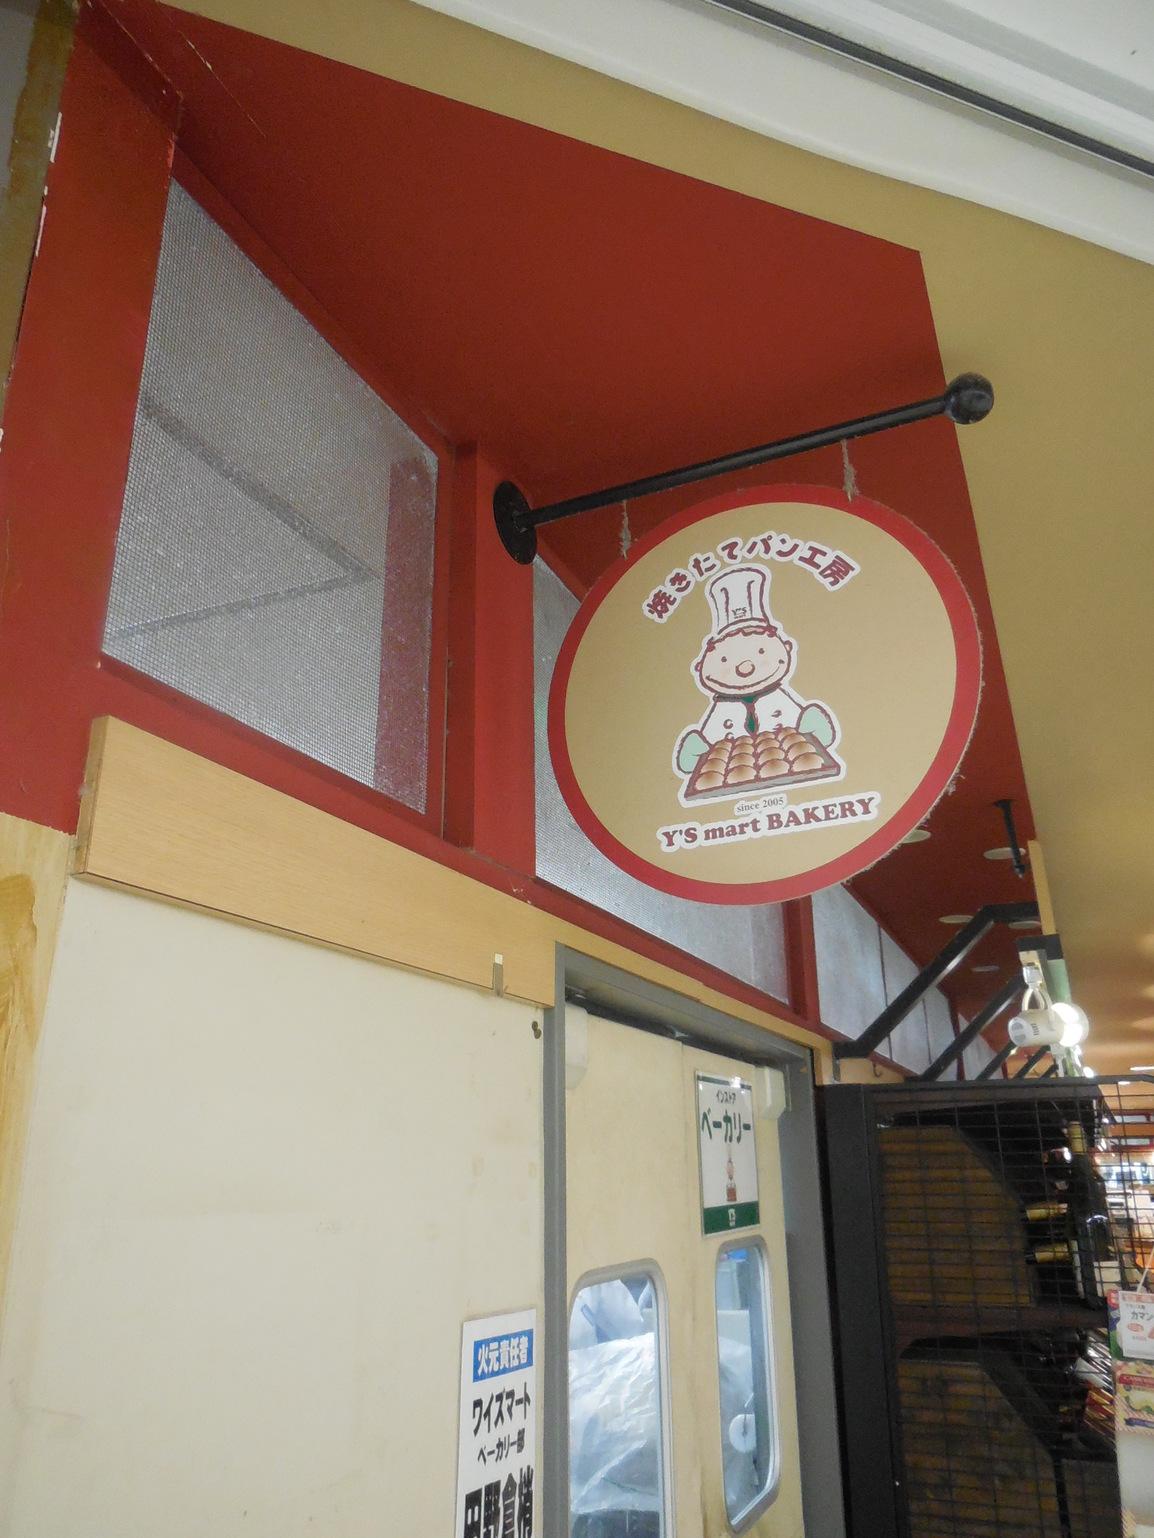 ワイズマート ベーカリー 市川シャポー店